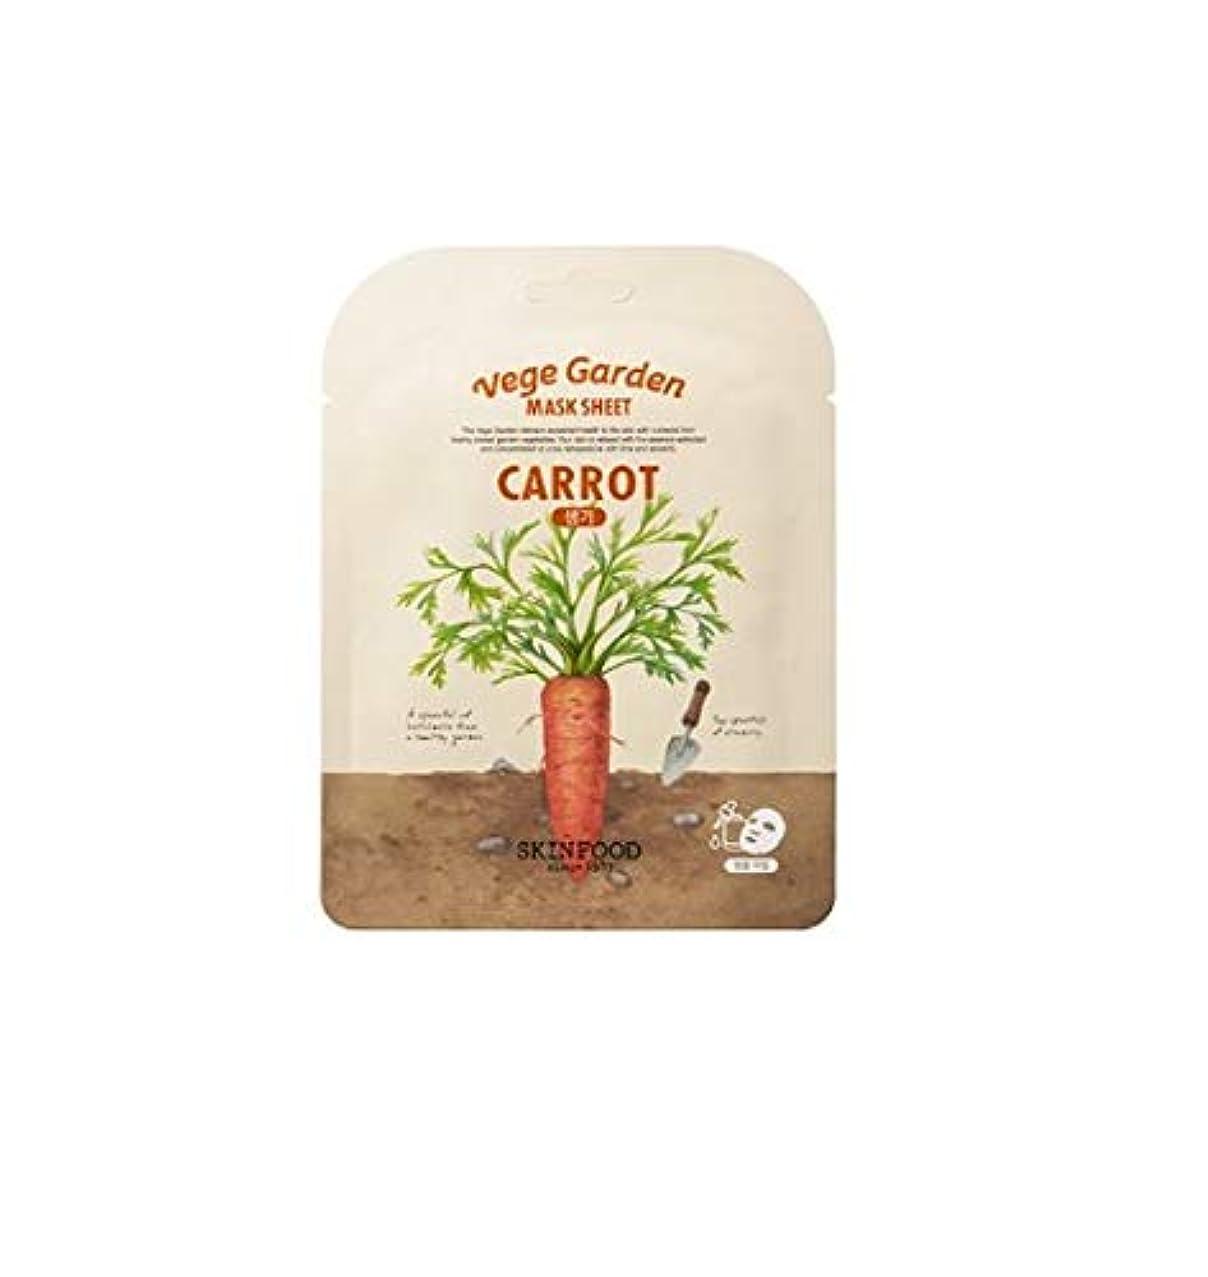 代替案レイ偽装するSkinfood ベジガーデンマスクシート#キャロット* 10ea / Vege Garden Mask Sheet #carrot *10ea 20ml*10 [並行輸入品]